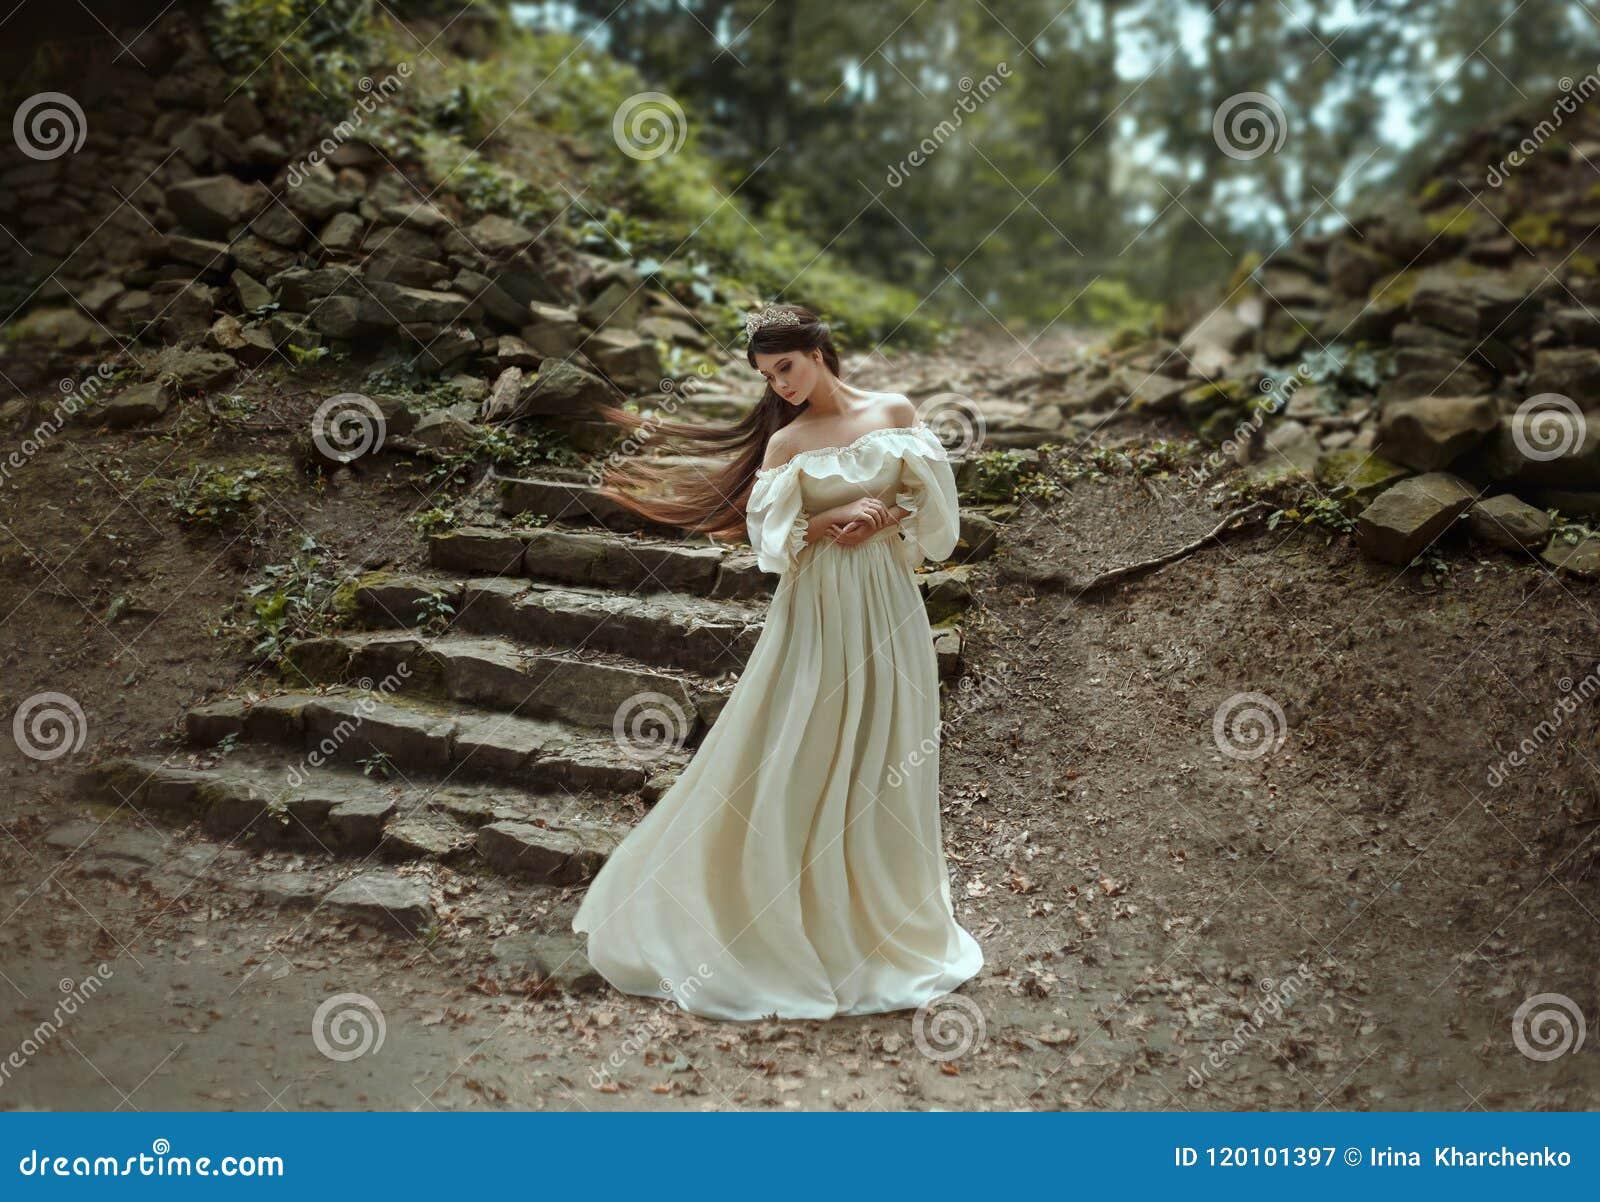 Молодая принцесса при очень длинные волосы представляя на фоне старой каменной лестницы Девушка имеет кристаллическую крону